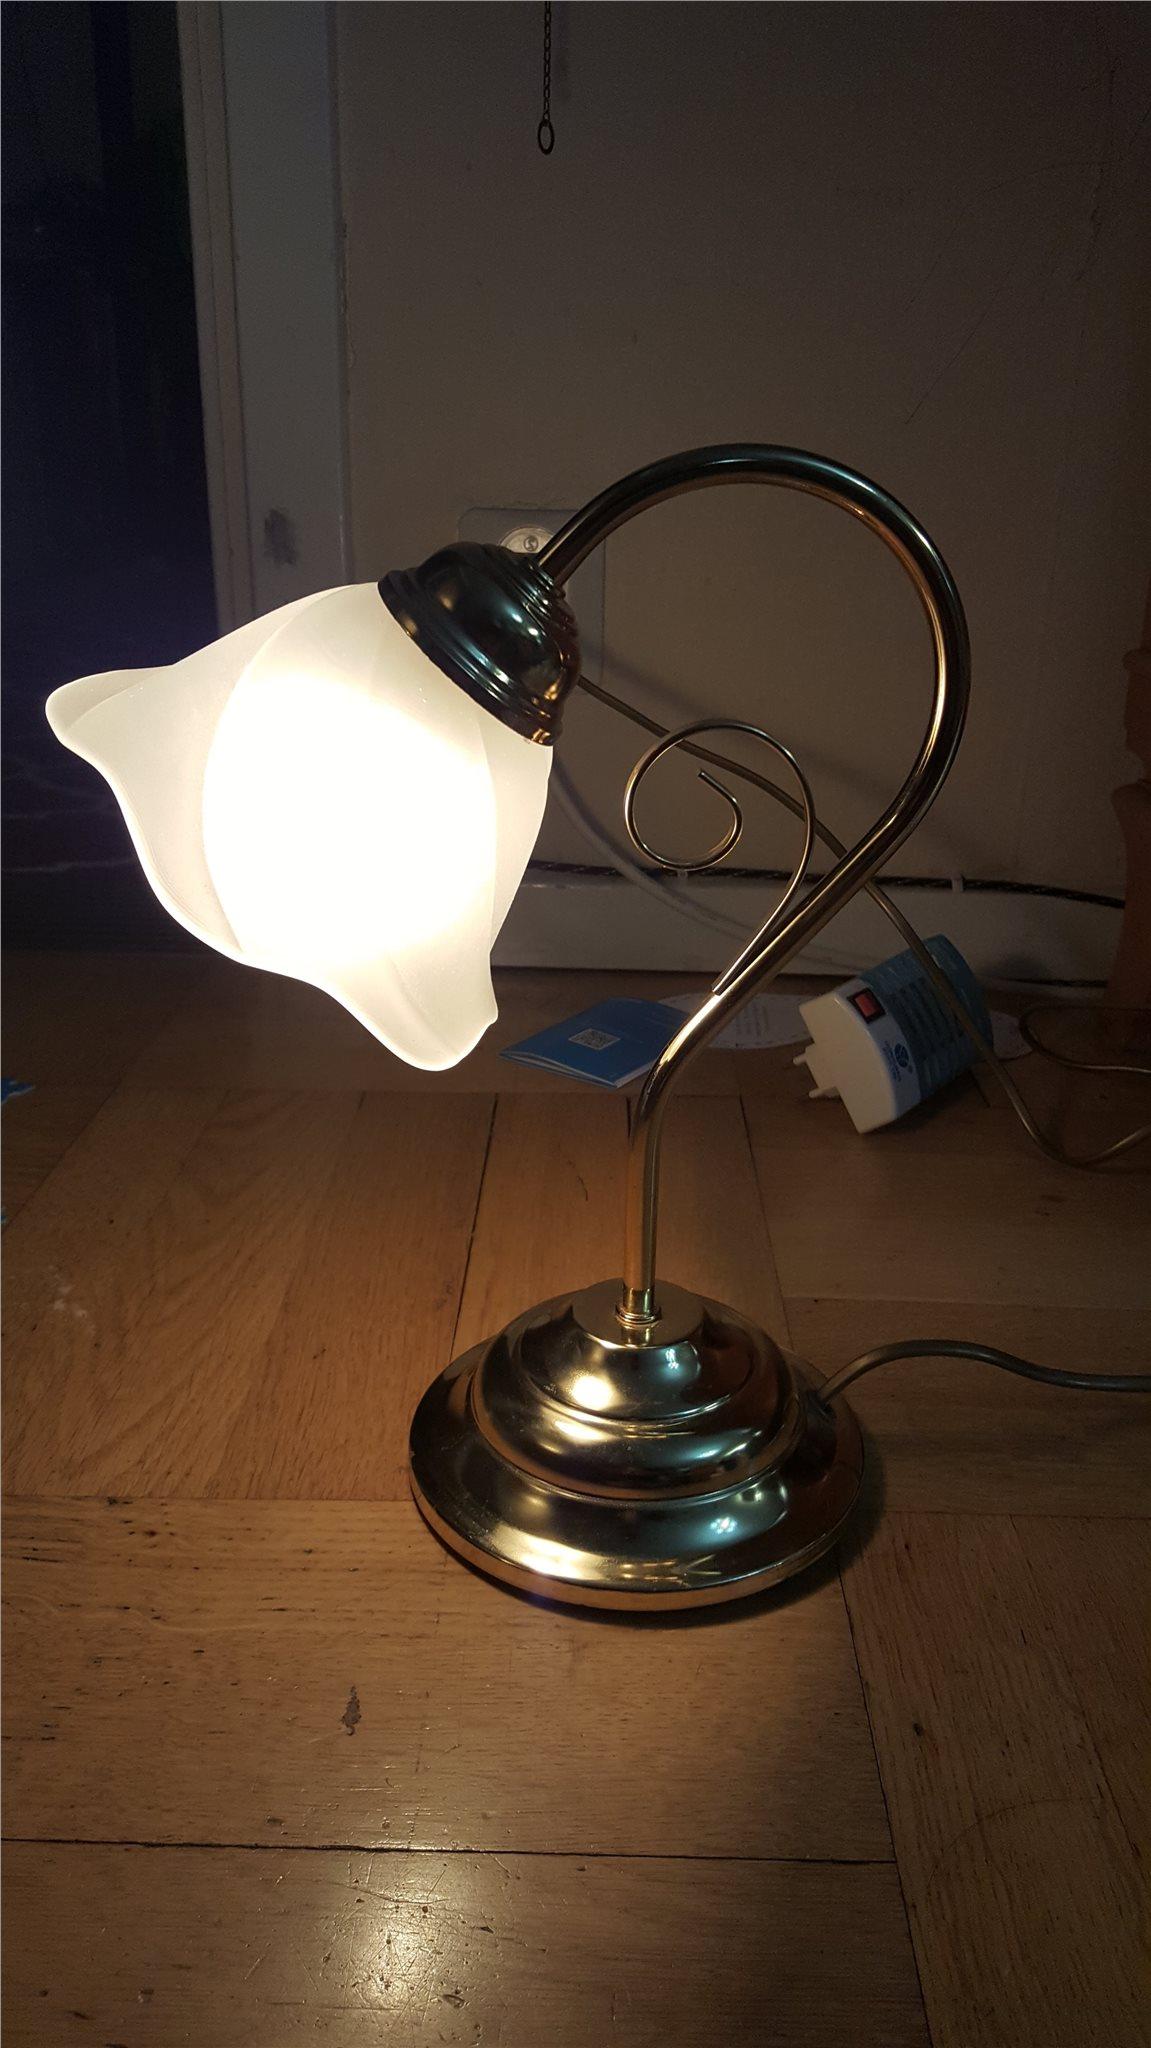 Vintage mässing Bordslampa av MS Belysning Belysning Belysning 26703a